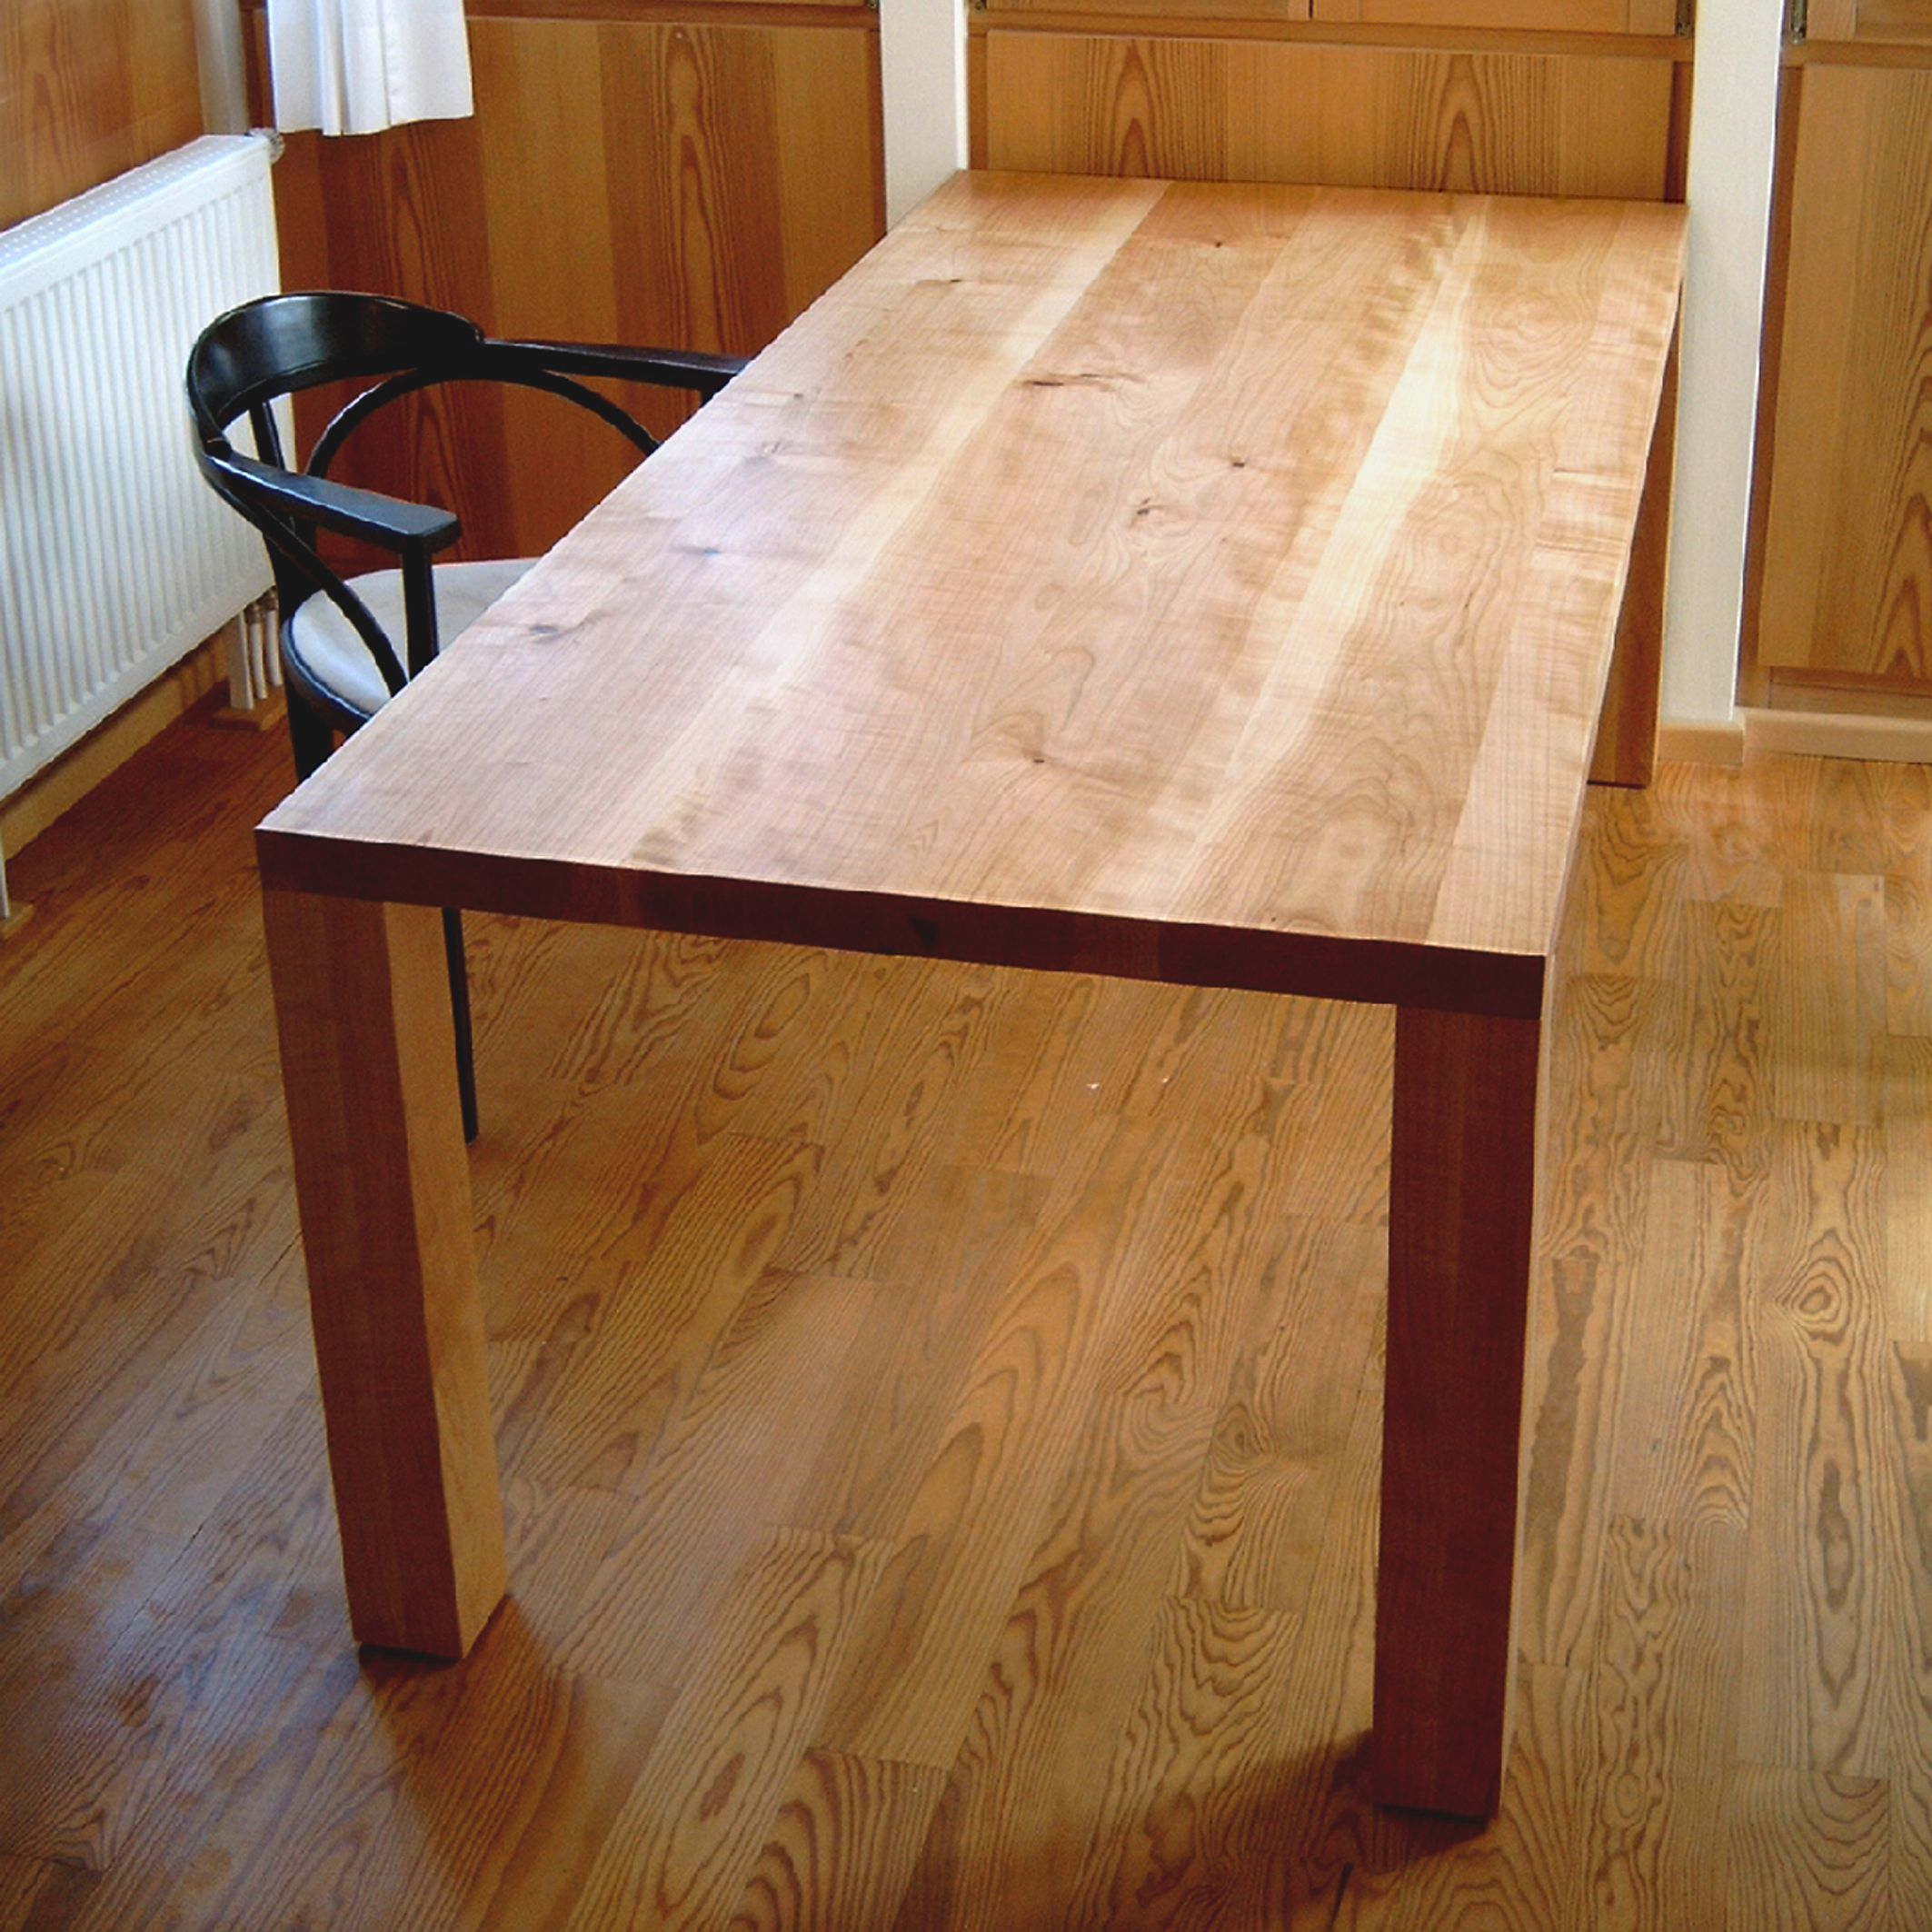 tisch in kirschbaum ge lt l s tische und b nke pinterest kirschbaum tisch und b nke. Black Bedroom Furniture Sets. Home Design Ideas